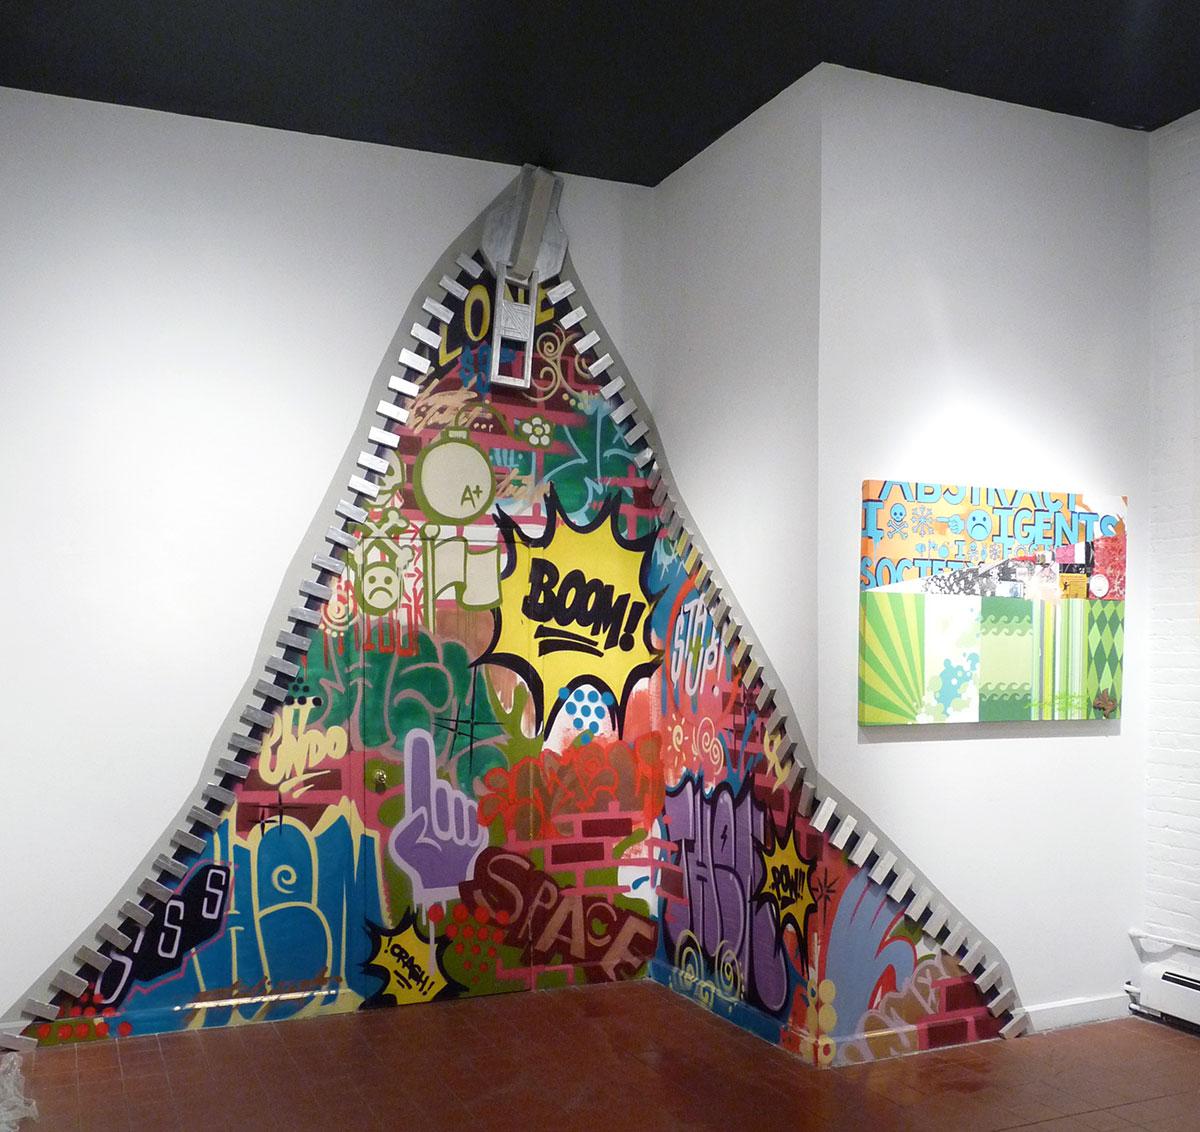 Graffiti wall usa - Interactive Zipper Graffiti Installation